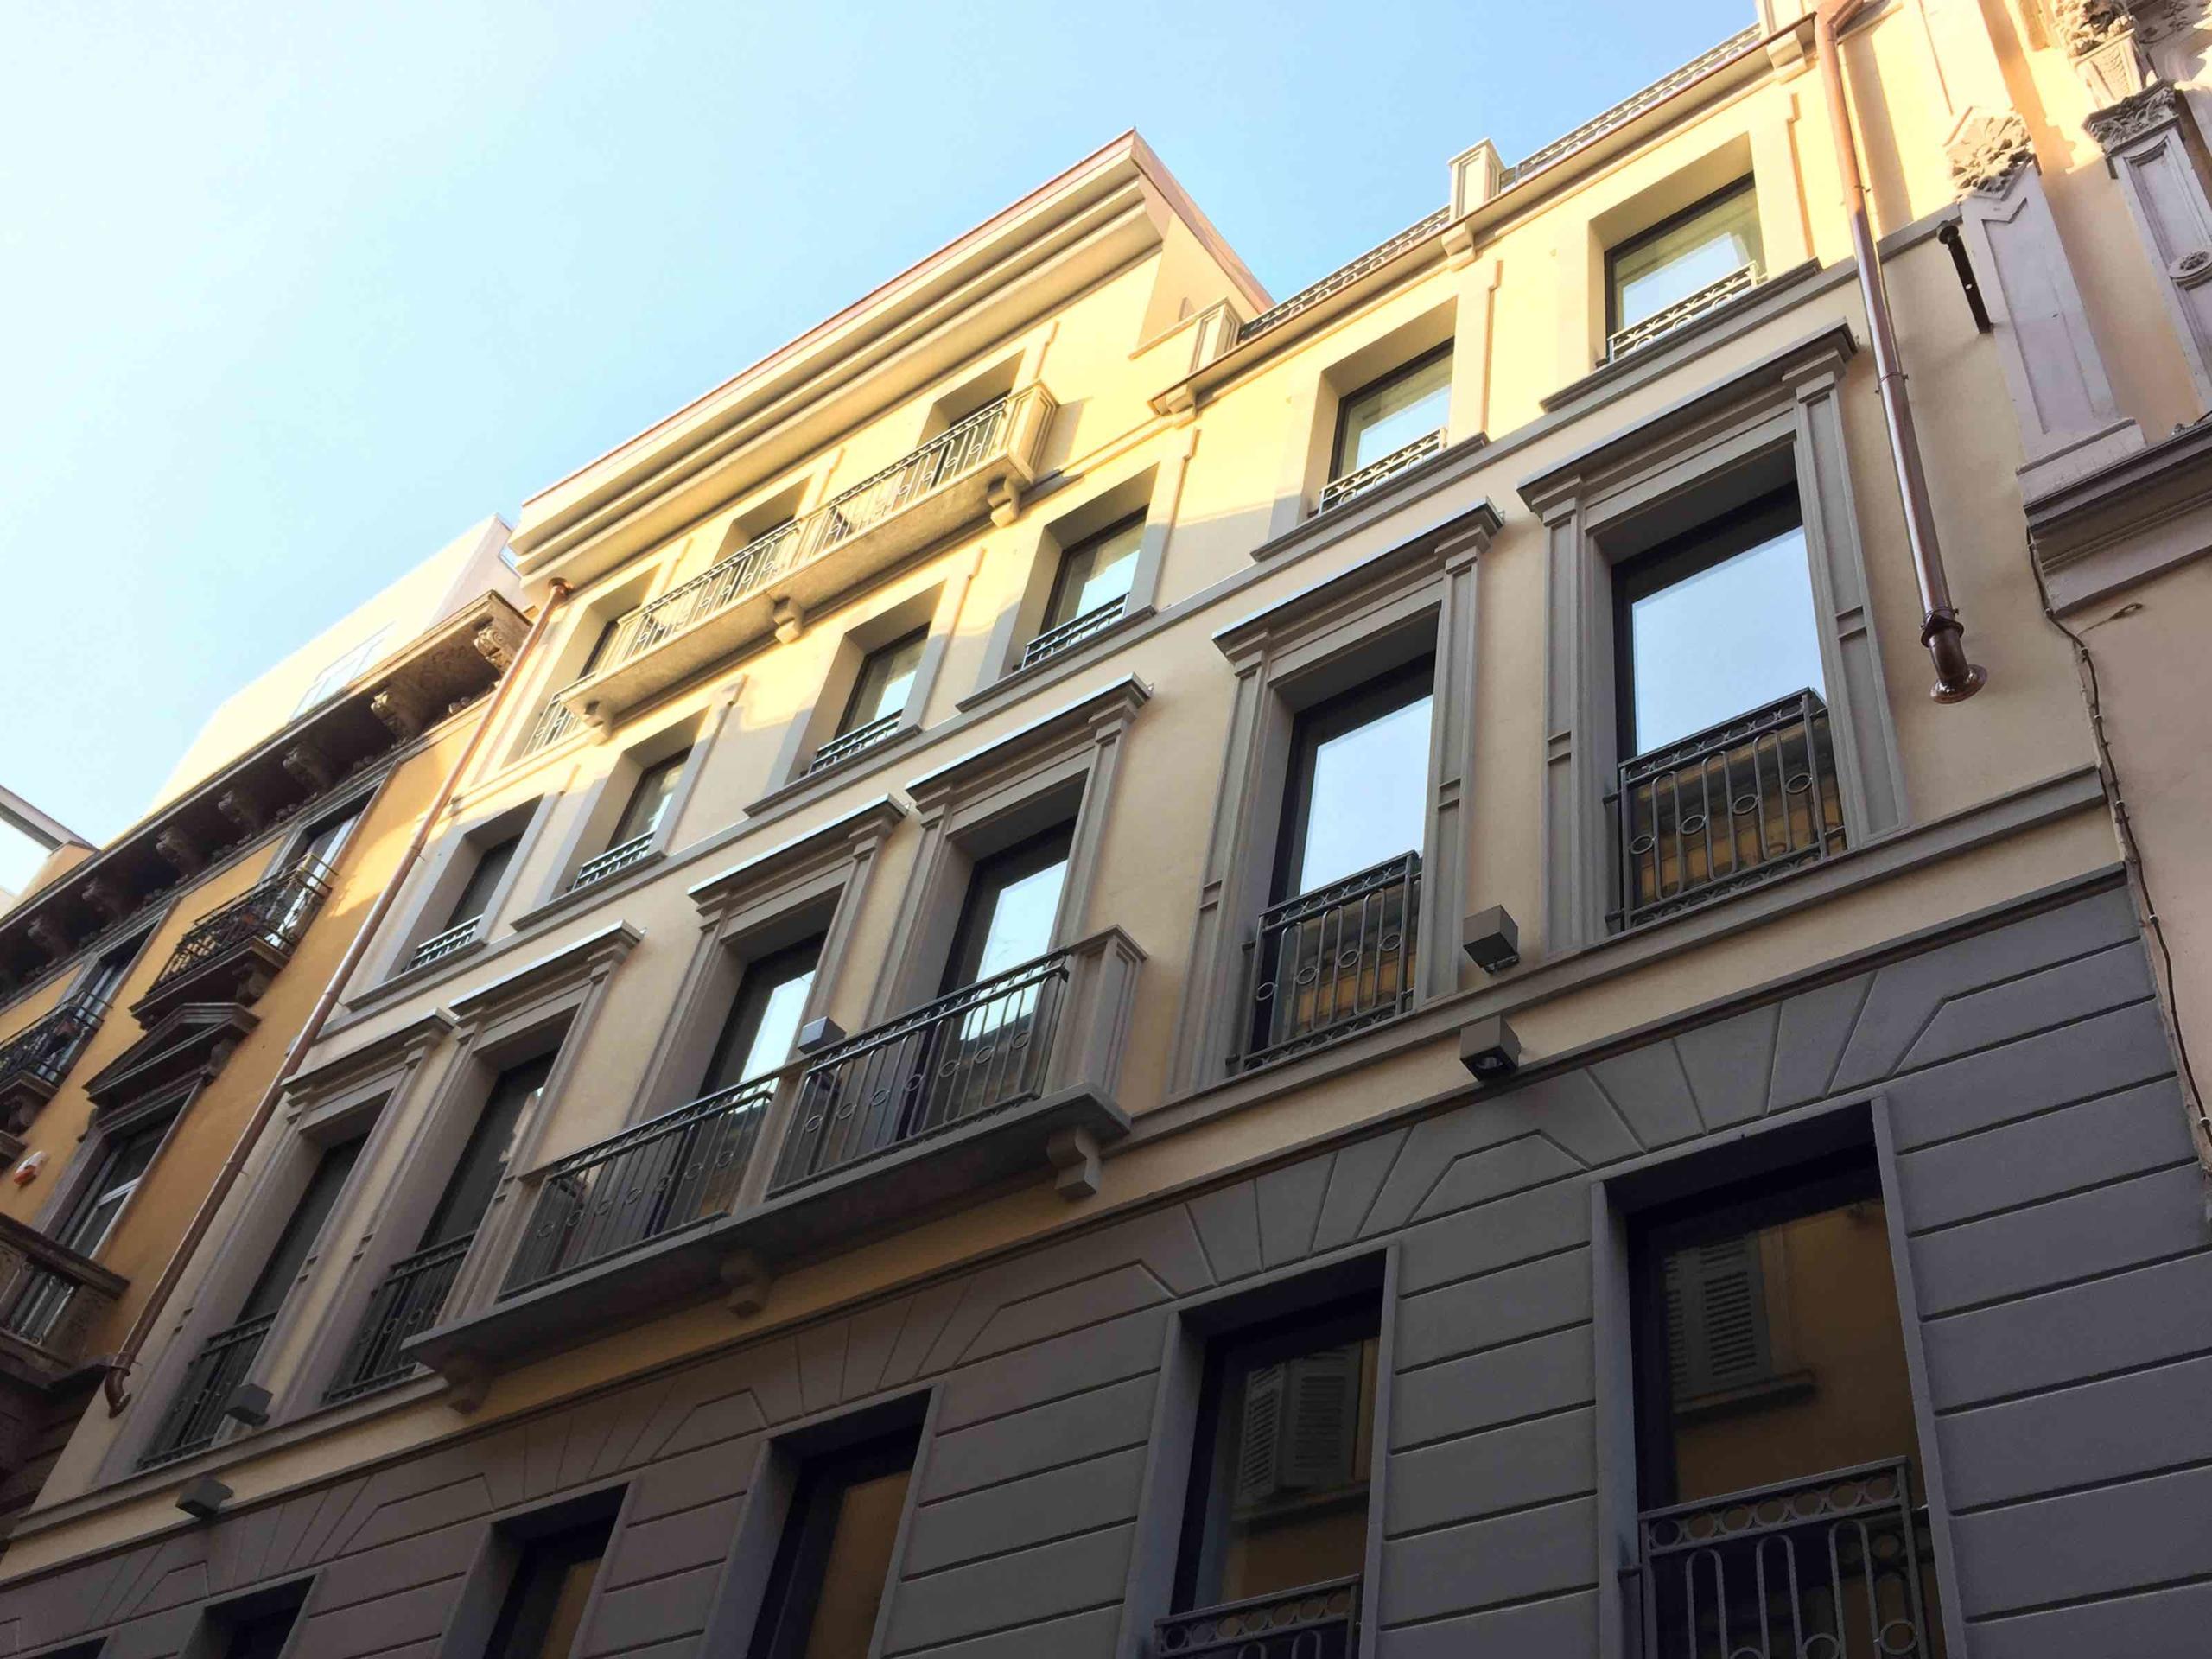 Speronari Suites Milano